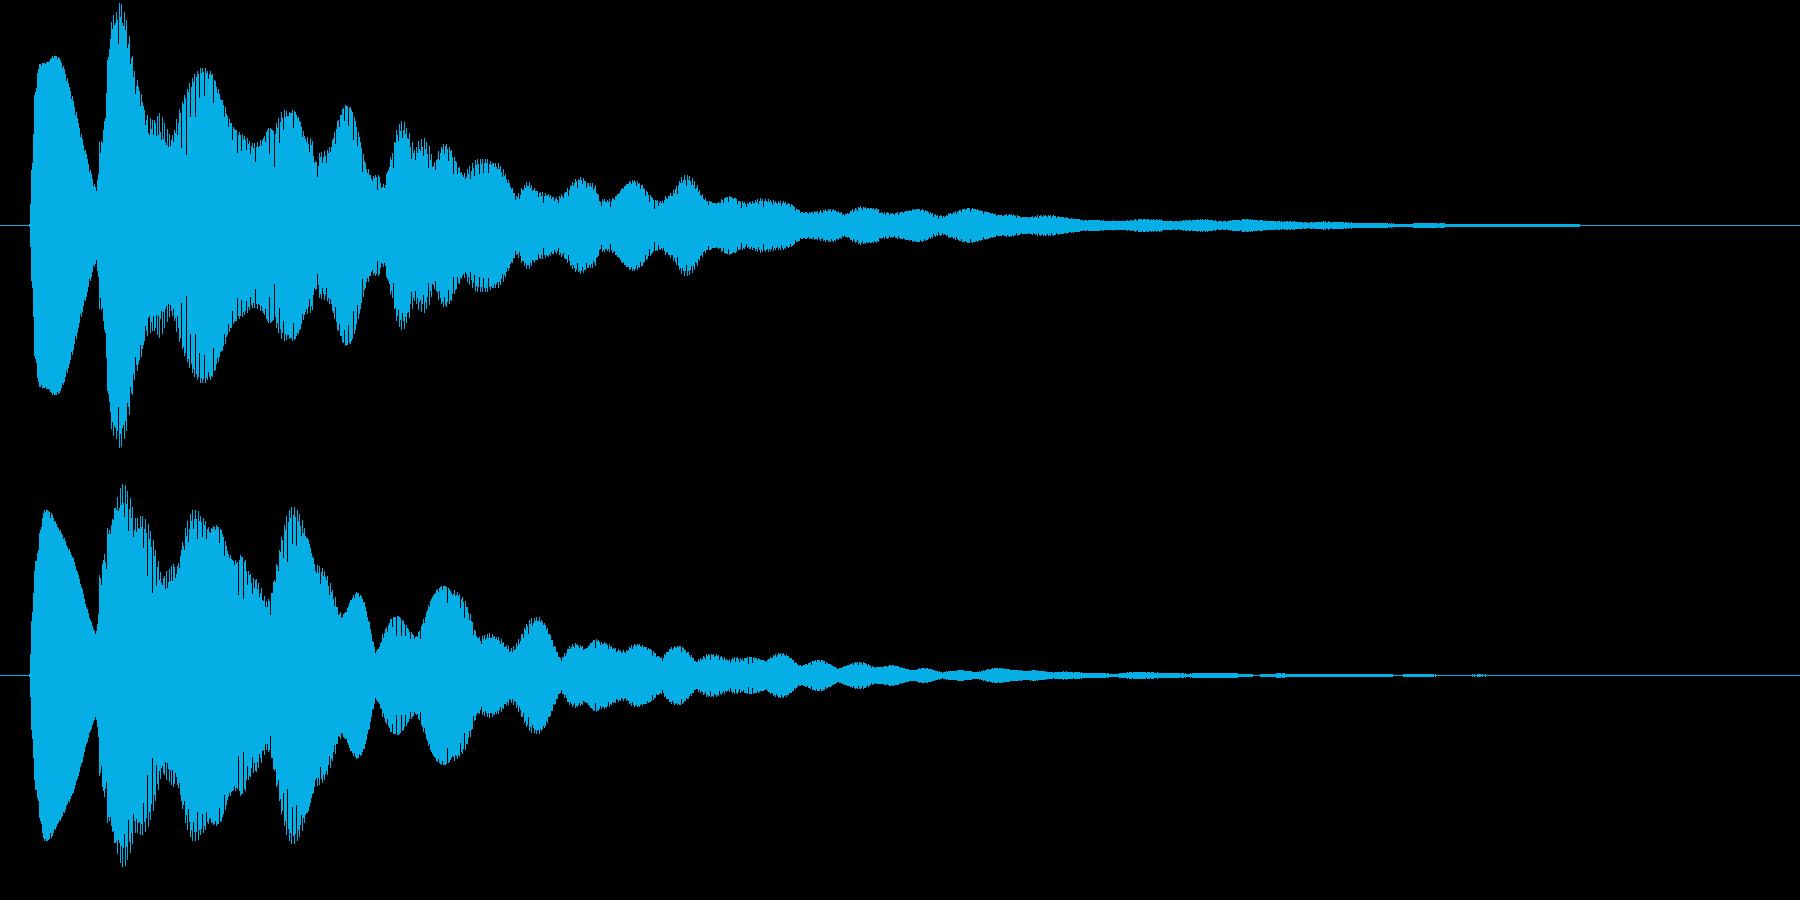 キラーン(ひらめき・アイテム発見・獲得)の再生済みの波形